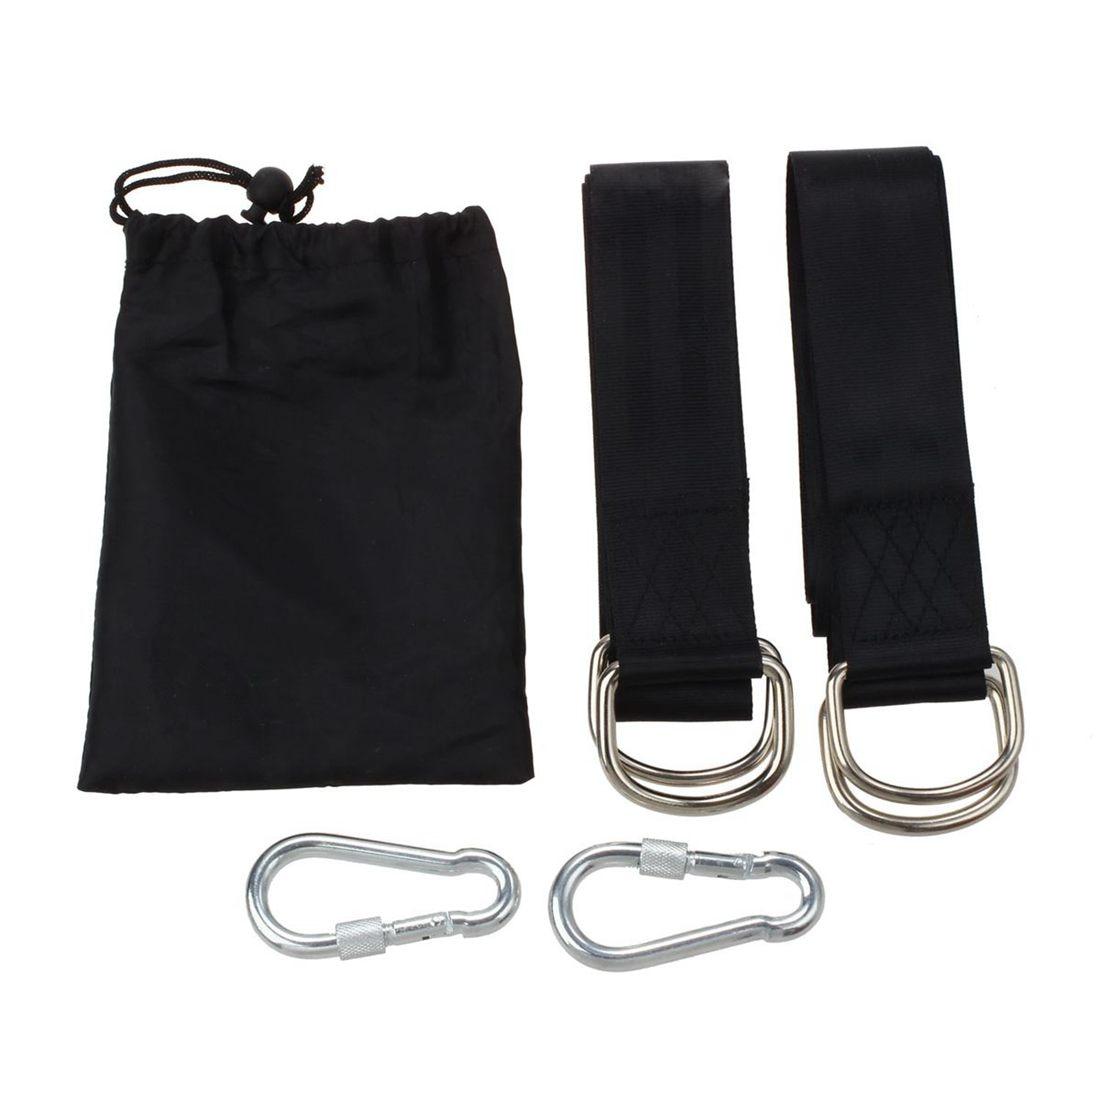 Vente chaude Arbre Balançoire Suspendue Kit, deux 59 pouce Arbre Bretelles avec Plus Sûr Snap Lock Mousqueton Crochets, parfait pour Arbre Swing et Hamac